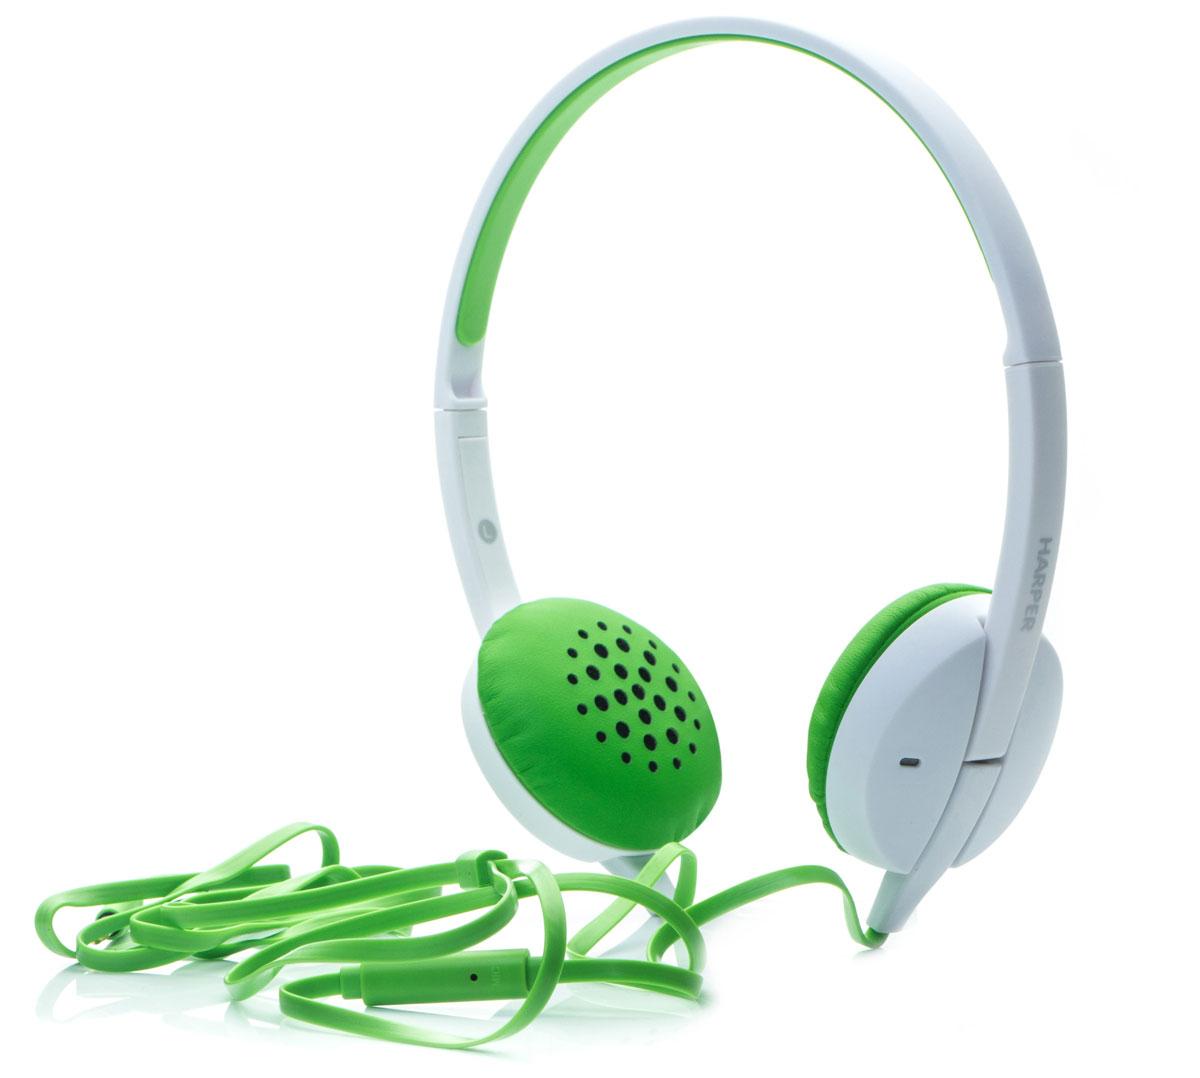 Harper HN-300, Green наушникиH00000639Накладные наушники Harper HN-300 с микрофоном. Модель очень легкая, с превосходным качеством звука. Плоский кабель длиной 1,2 метра идеально подходит для использования на улице. Встроенный пульт и микрофон для быстрого переключения между музыкой и вызовами.